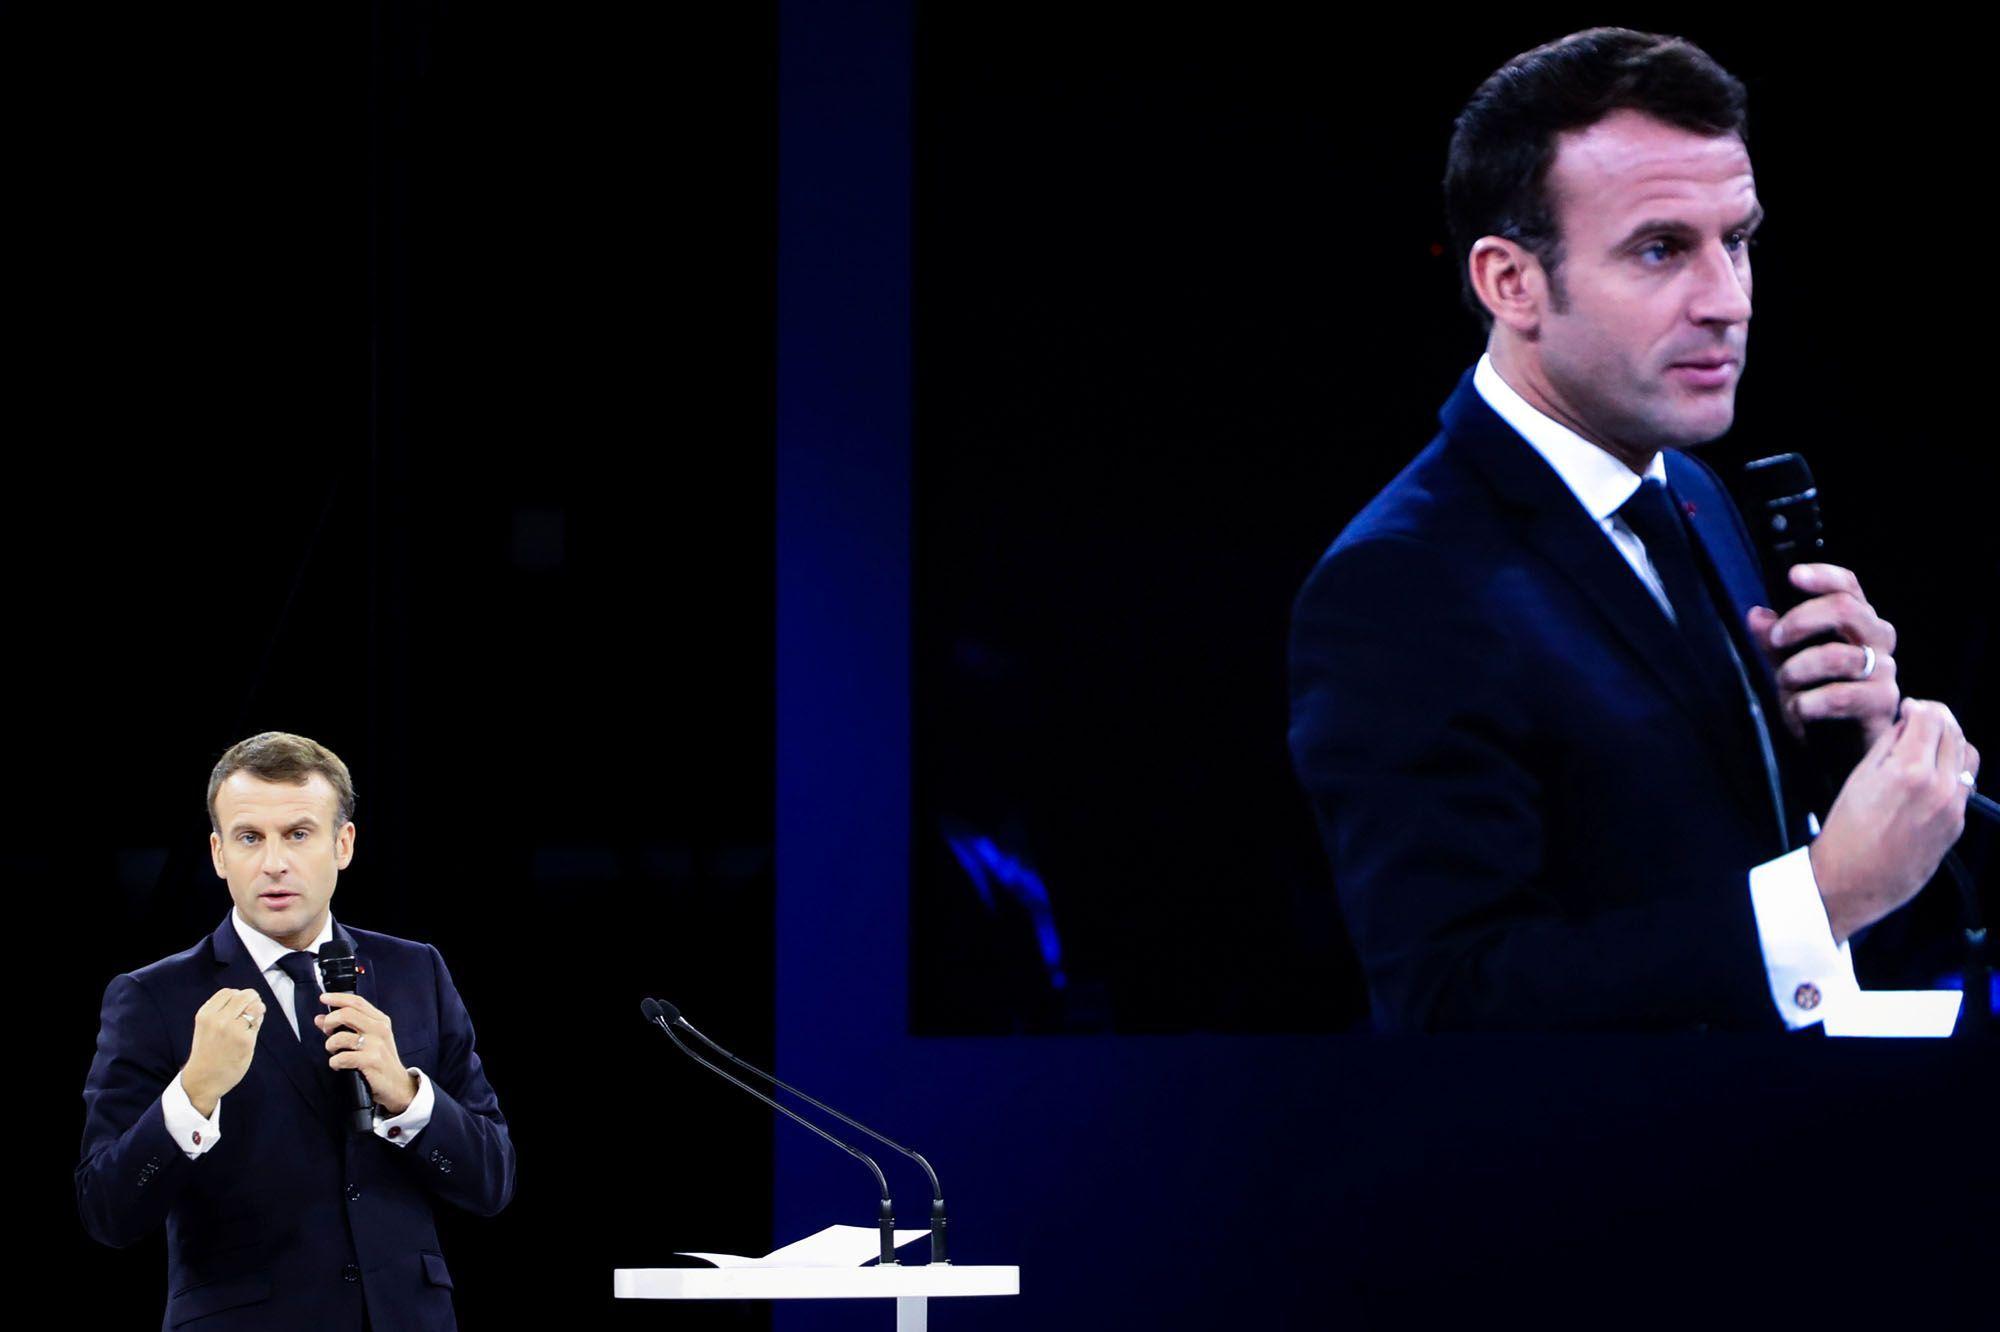 Au Forum de Paris sur la Paix, Emmanuel Macron cite Molière et persiste sur l'Otan